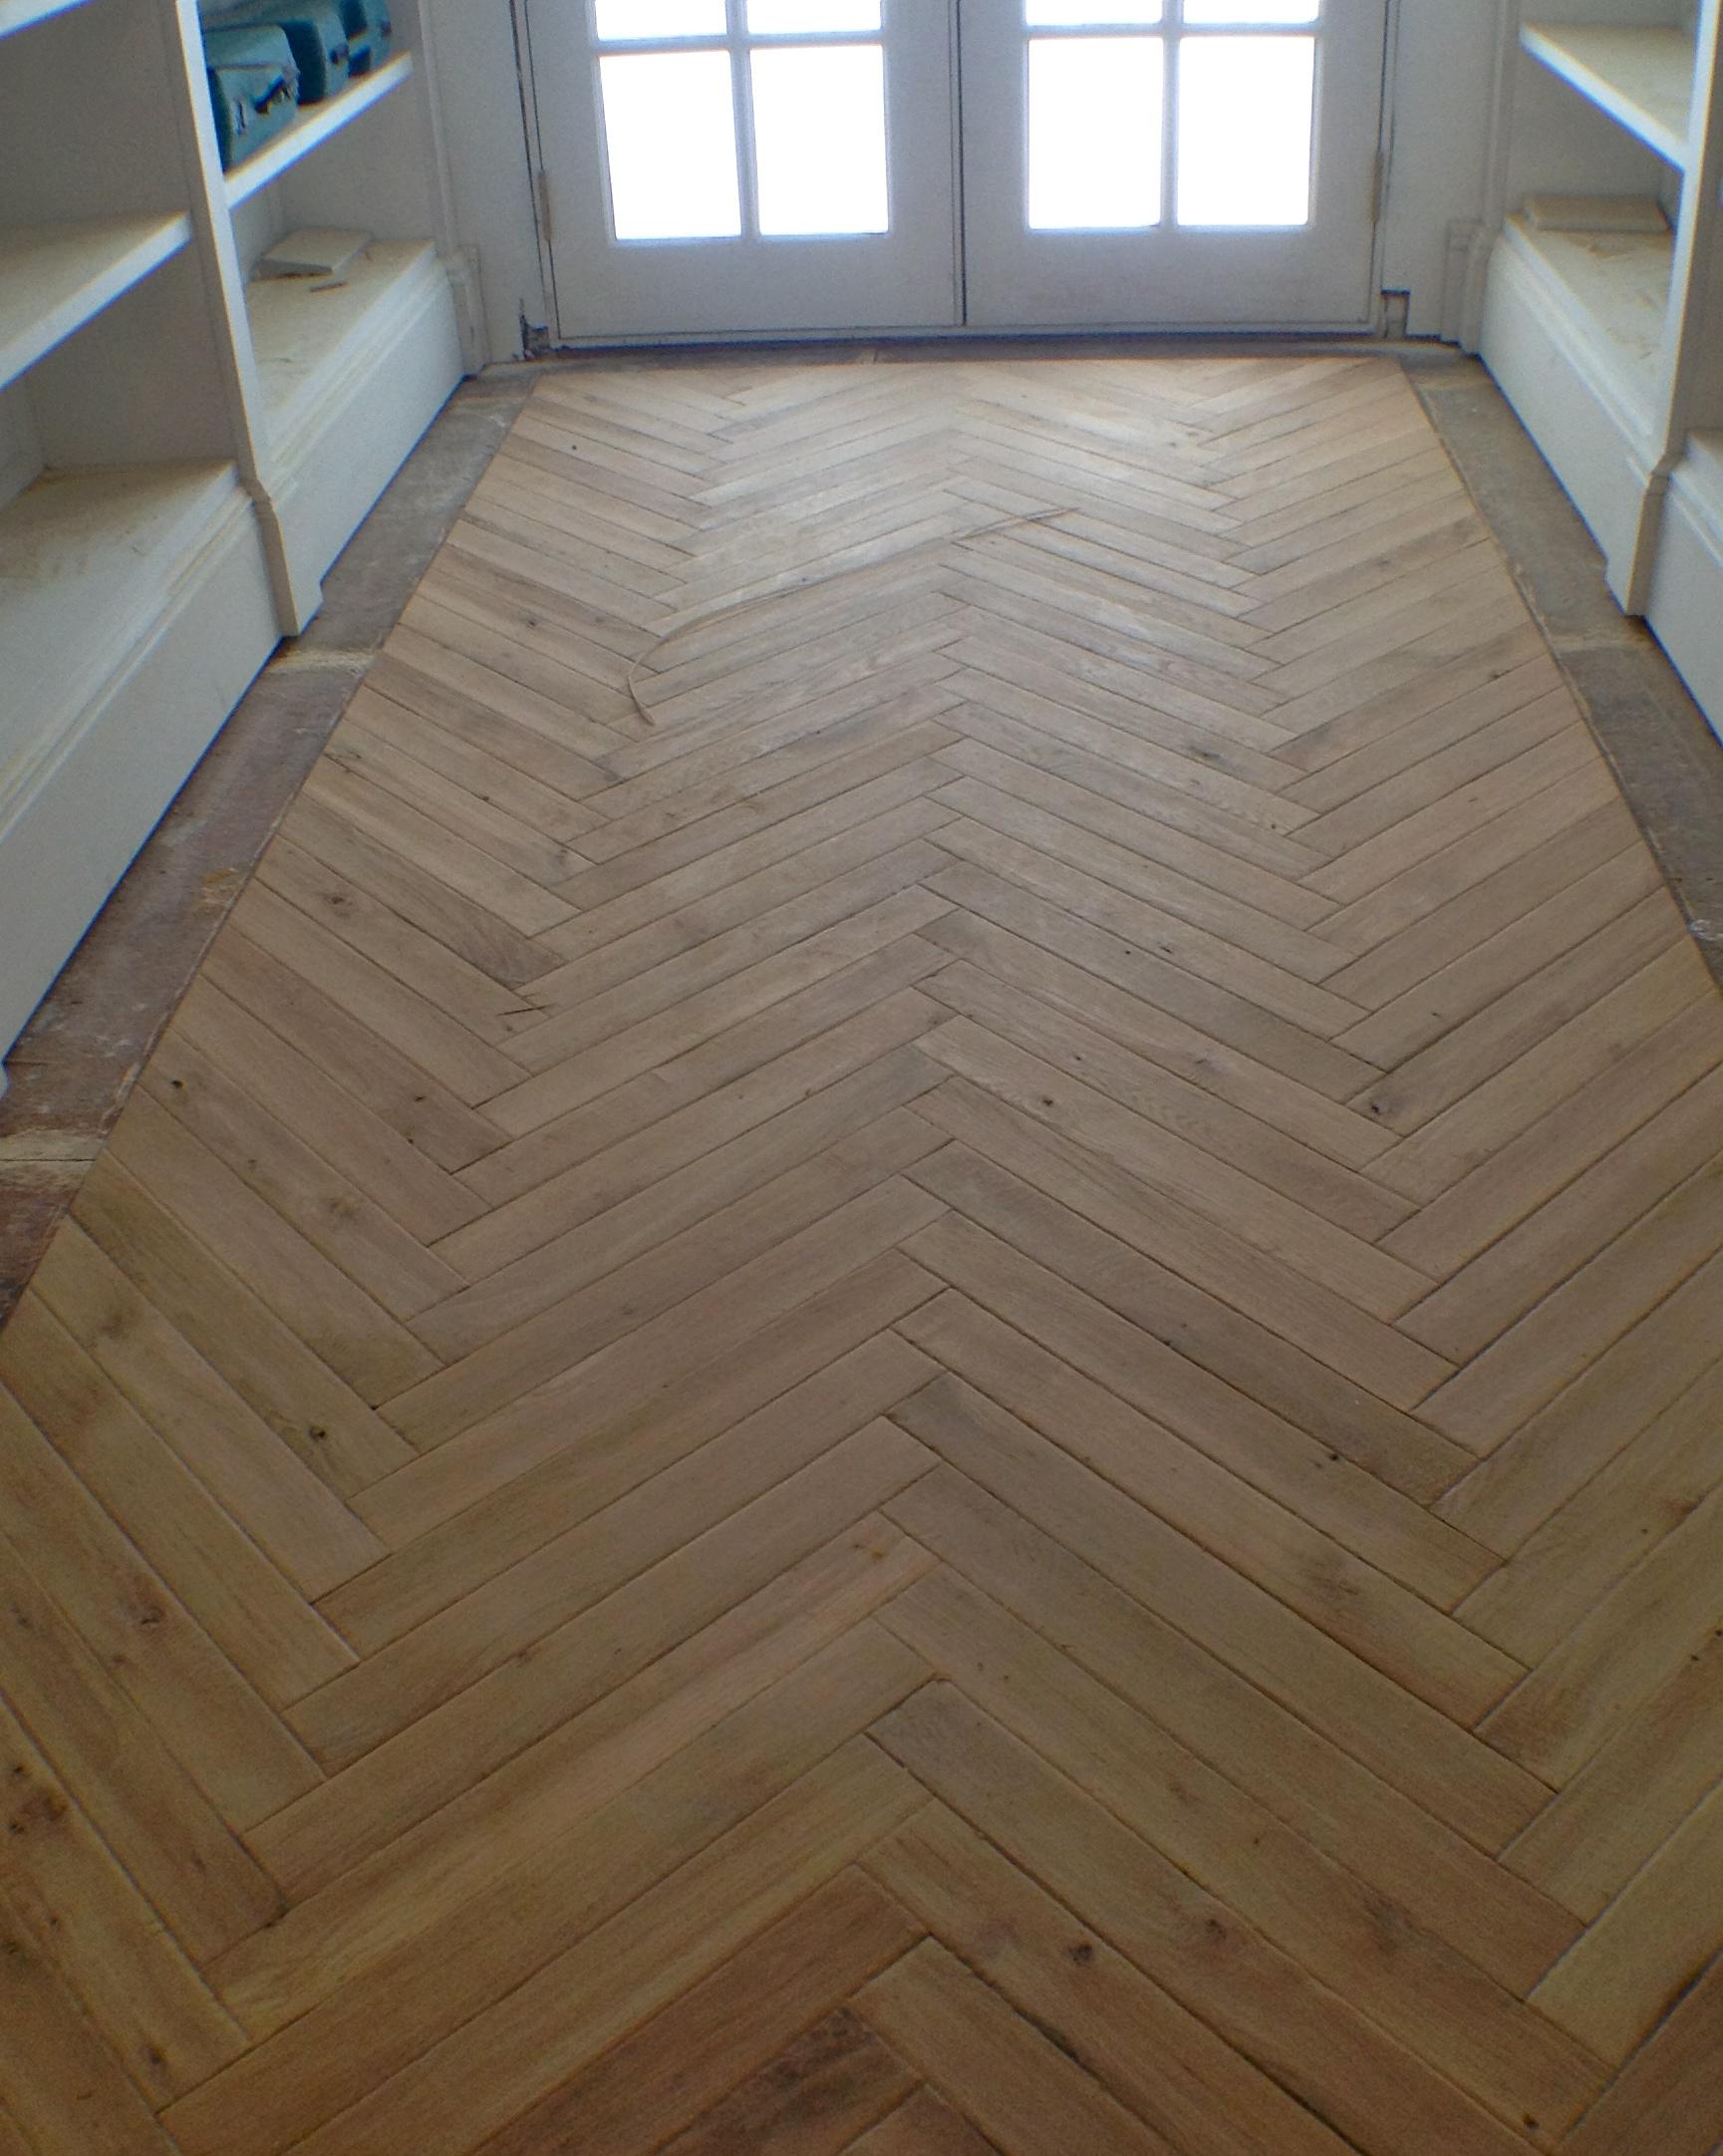 Hand scraped hardwood flooring hand scraped hardwood flooringu2026 thatu0027s really scraped by hand! VNOSVAA